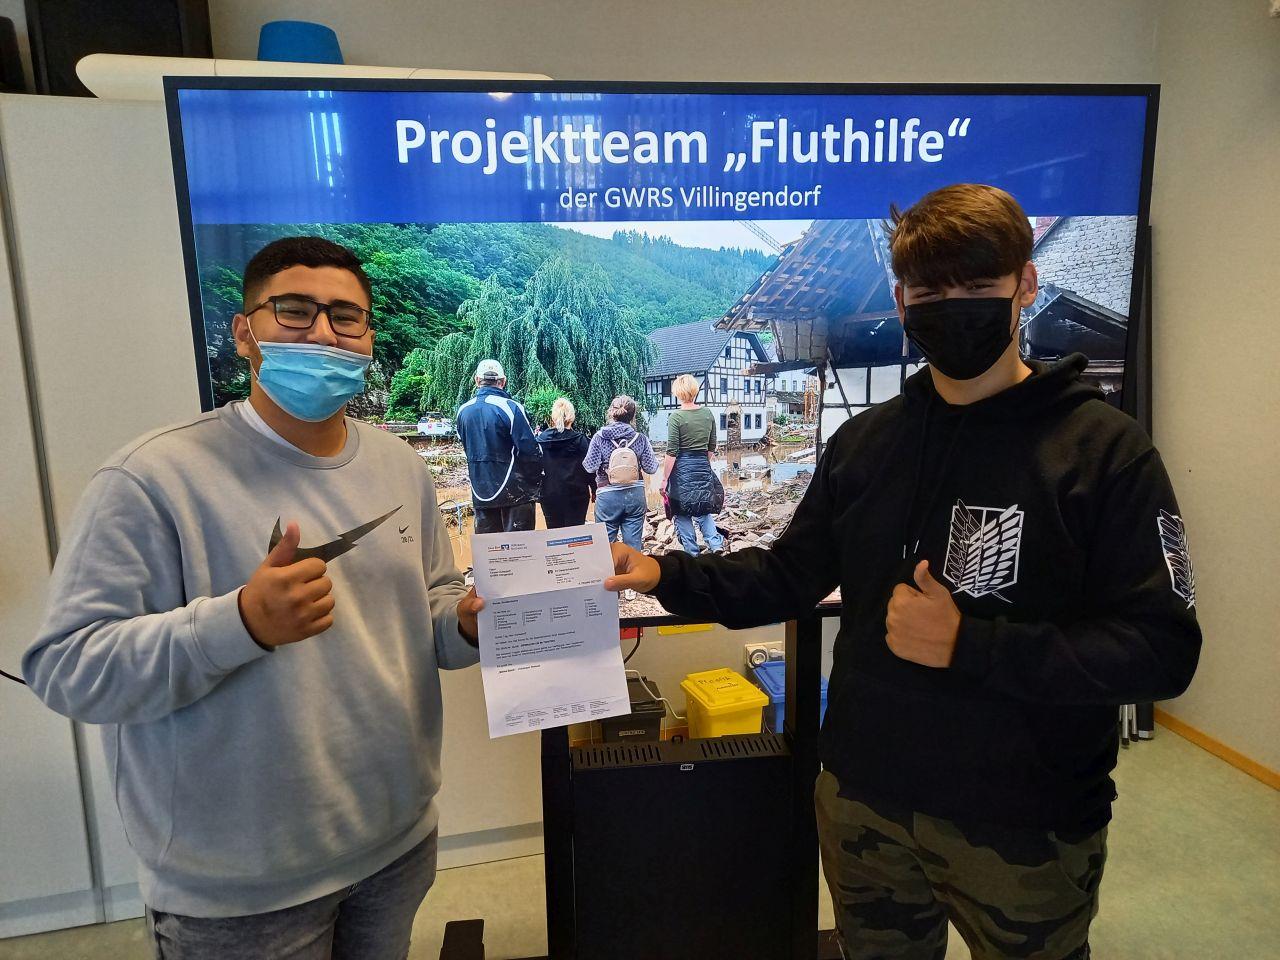 """Schüler der Abschlussklassen der GWRS Villingendorf das Projektteam """"Fluthilfe"""" ins Leben gerufen. Foto: pm"""